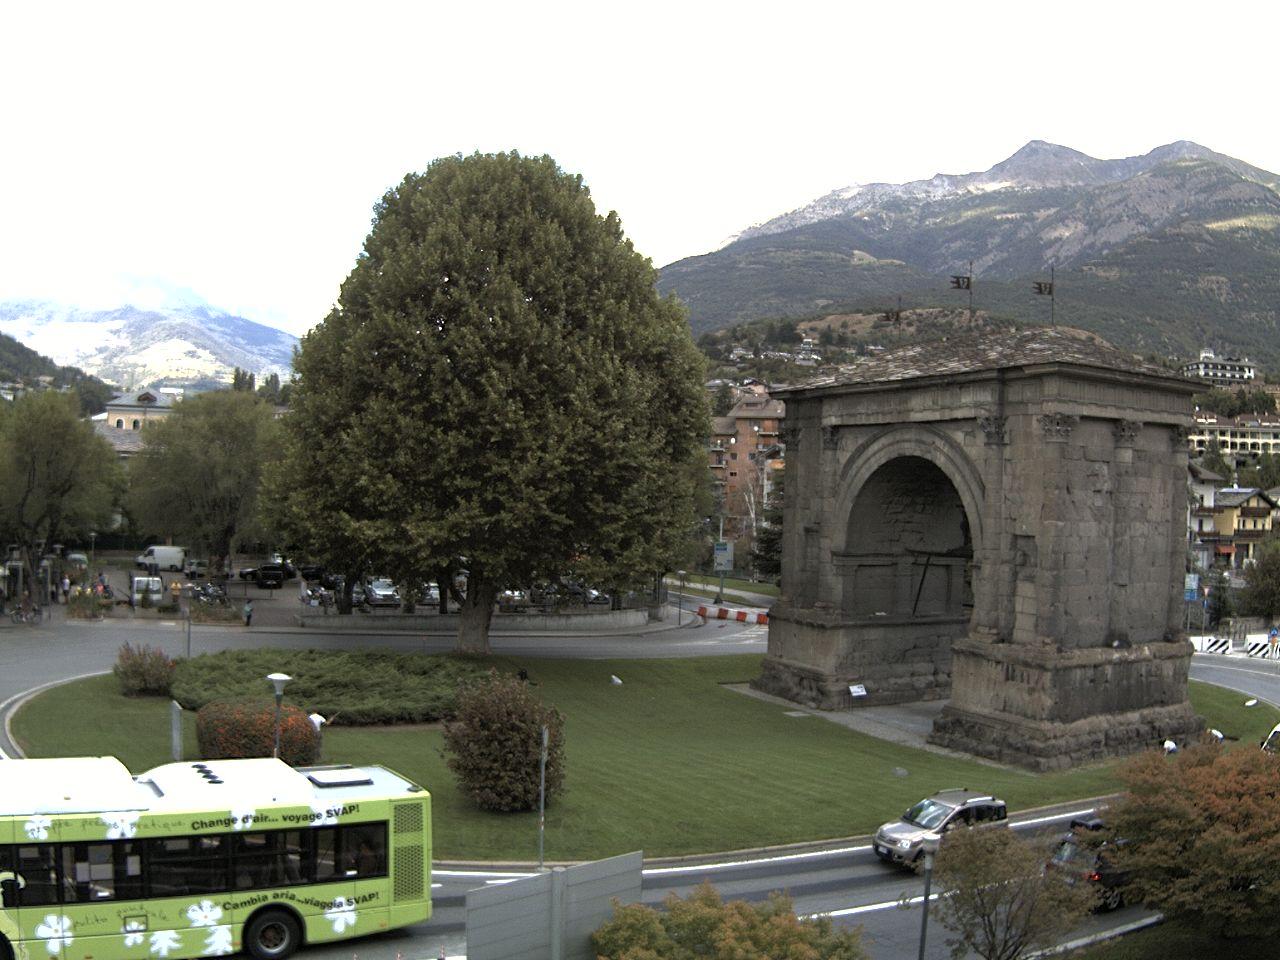 Веб-камеры Аоста, Италия в реальном времени